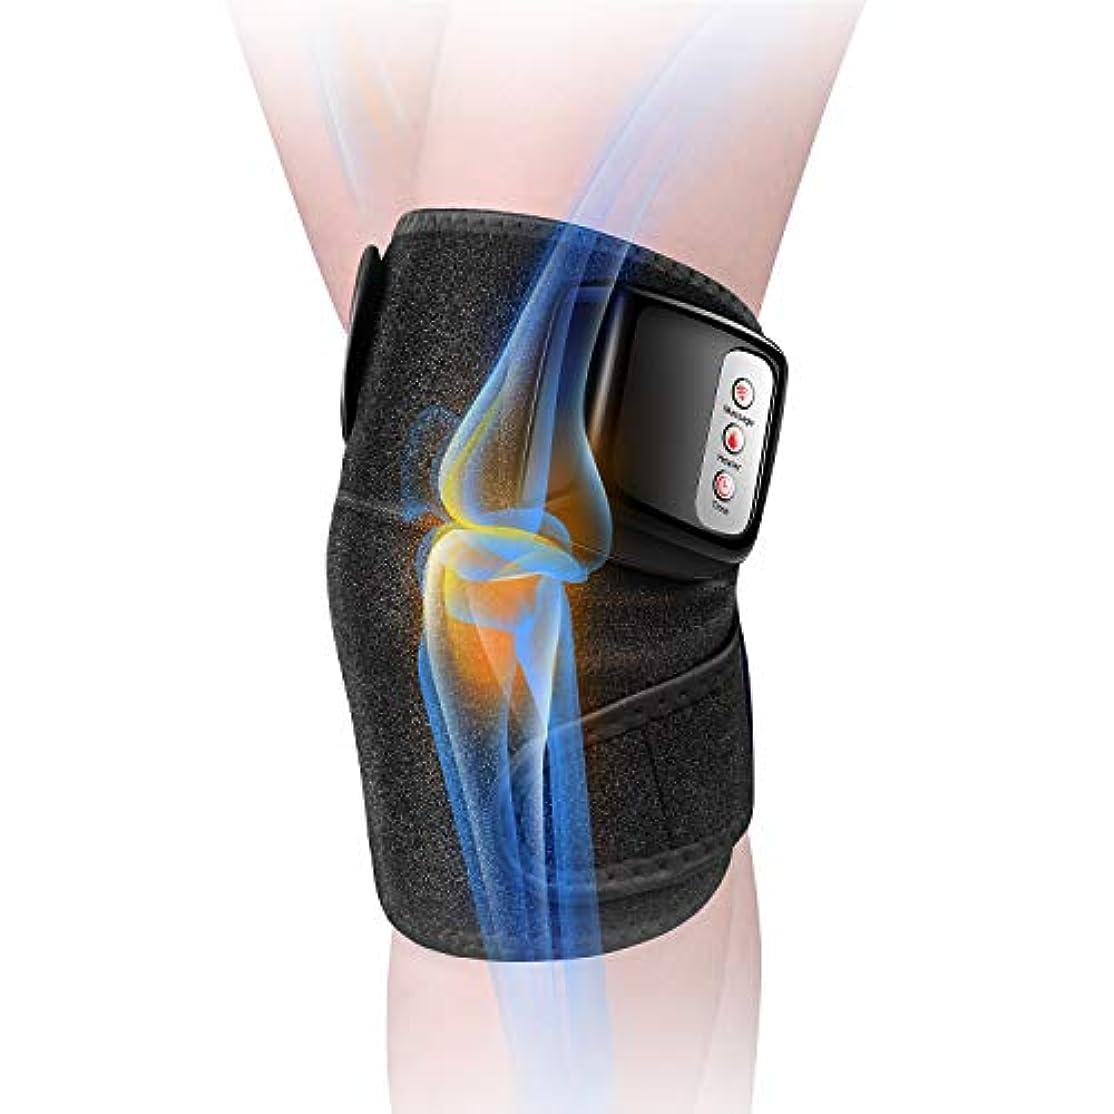 レンダー首尾一貫したぬいぐるみ膝マッサージャー 関節マッサージャー マッサージ器 フットマッサージャー 振動 赤外線療法 温熱療法 膝サポーター ストレス解消 肩 太もも/腕対応